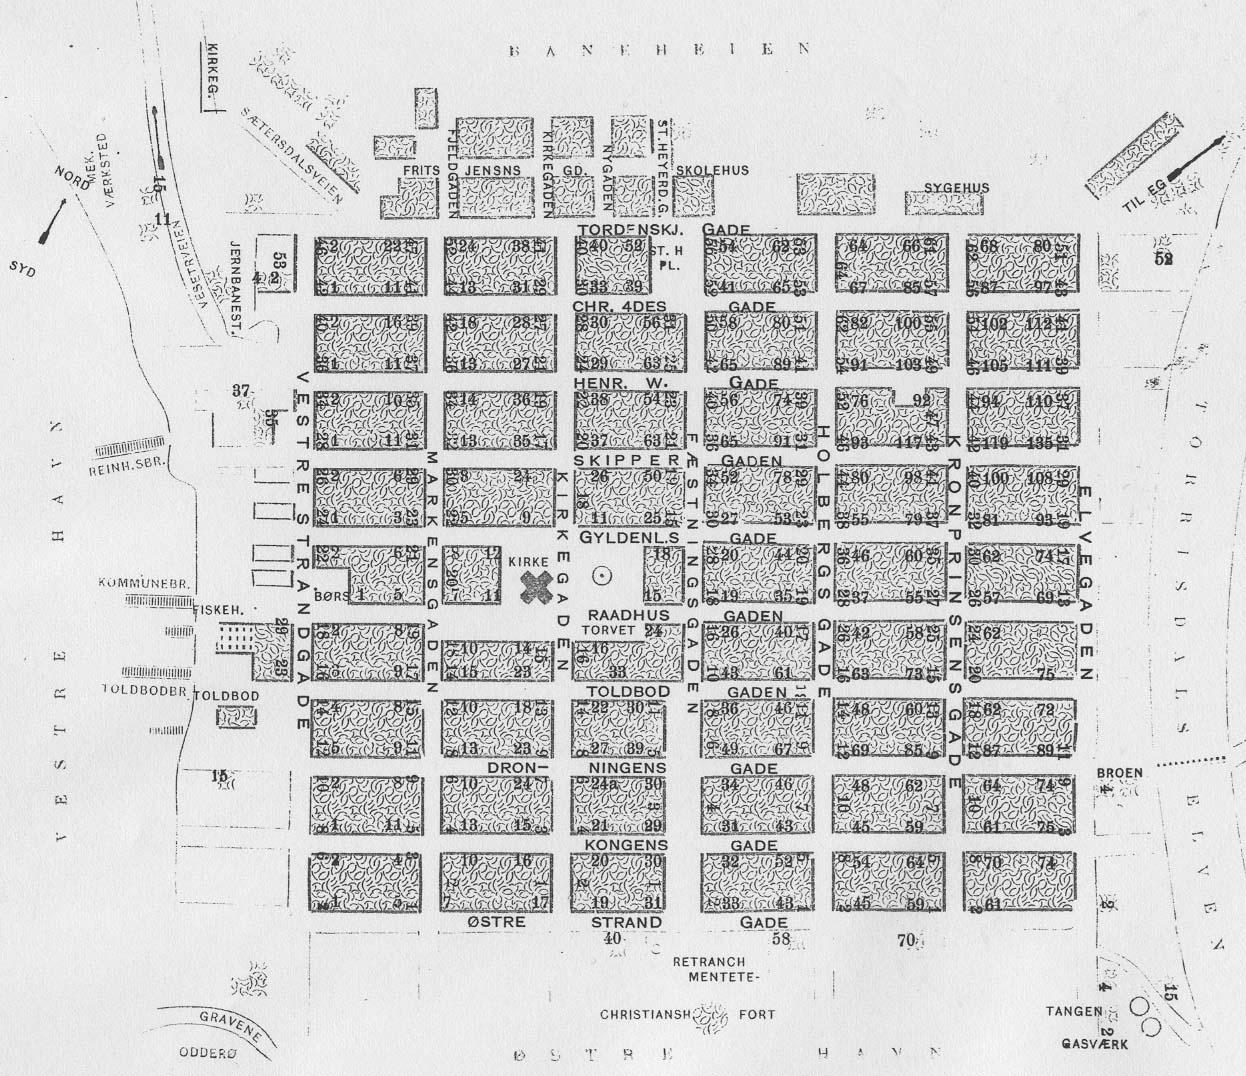 matrikkel kart Dokumenter: Kristiansand 1919 Matrikkelkart sentrum matrikkel kart